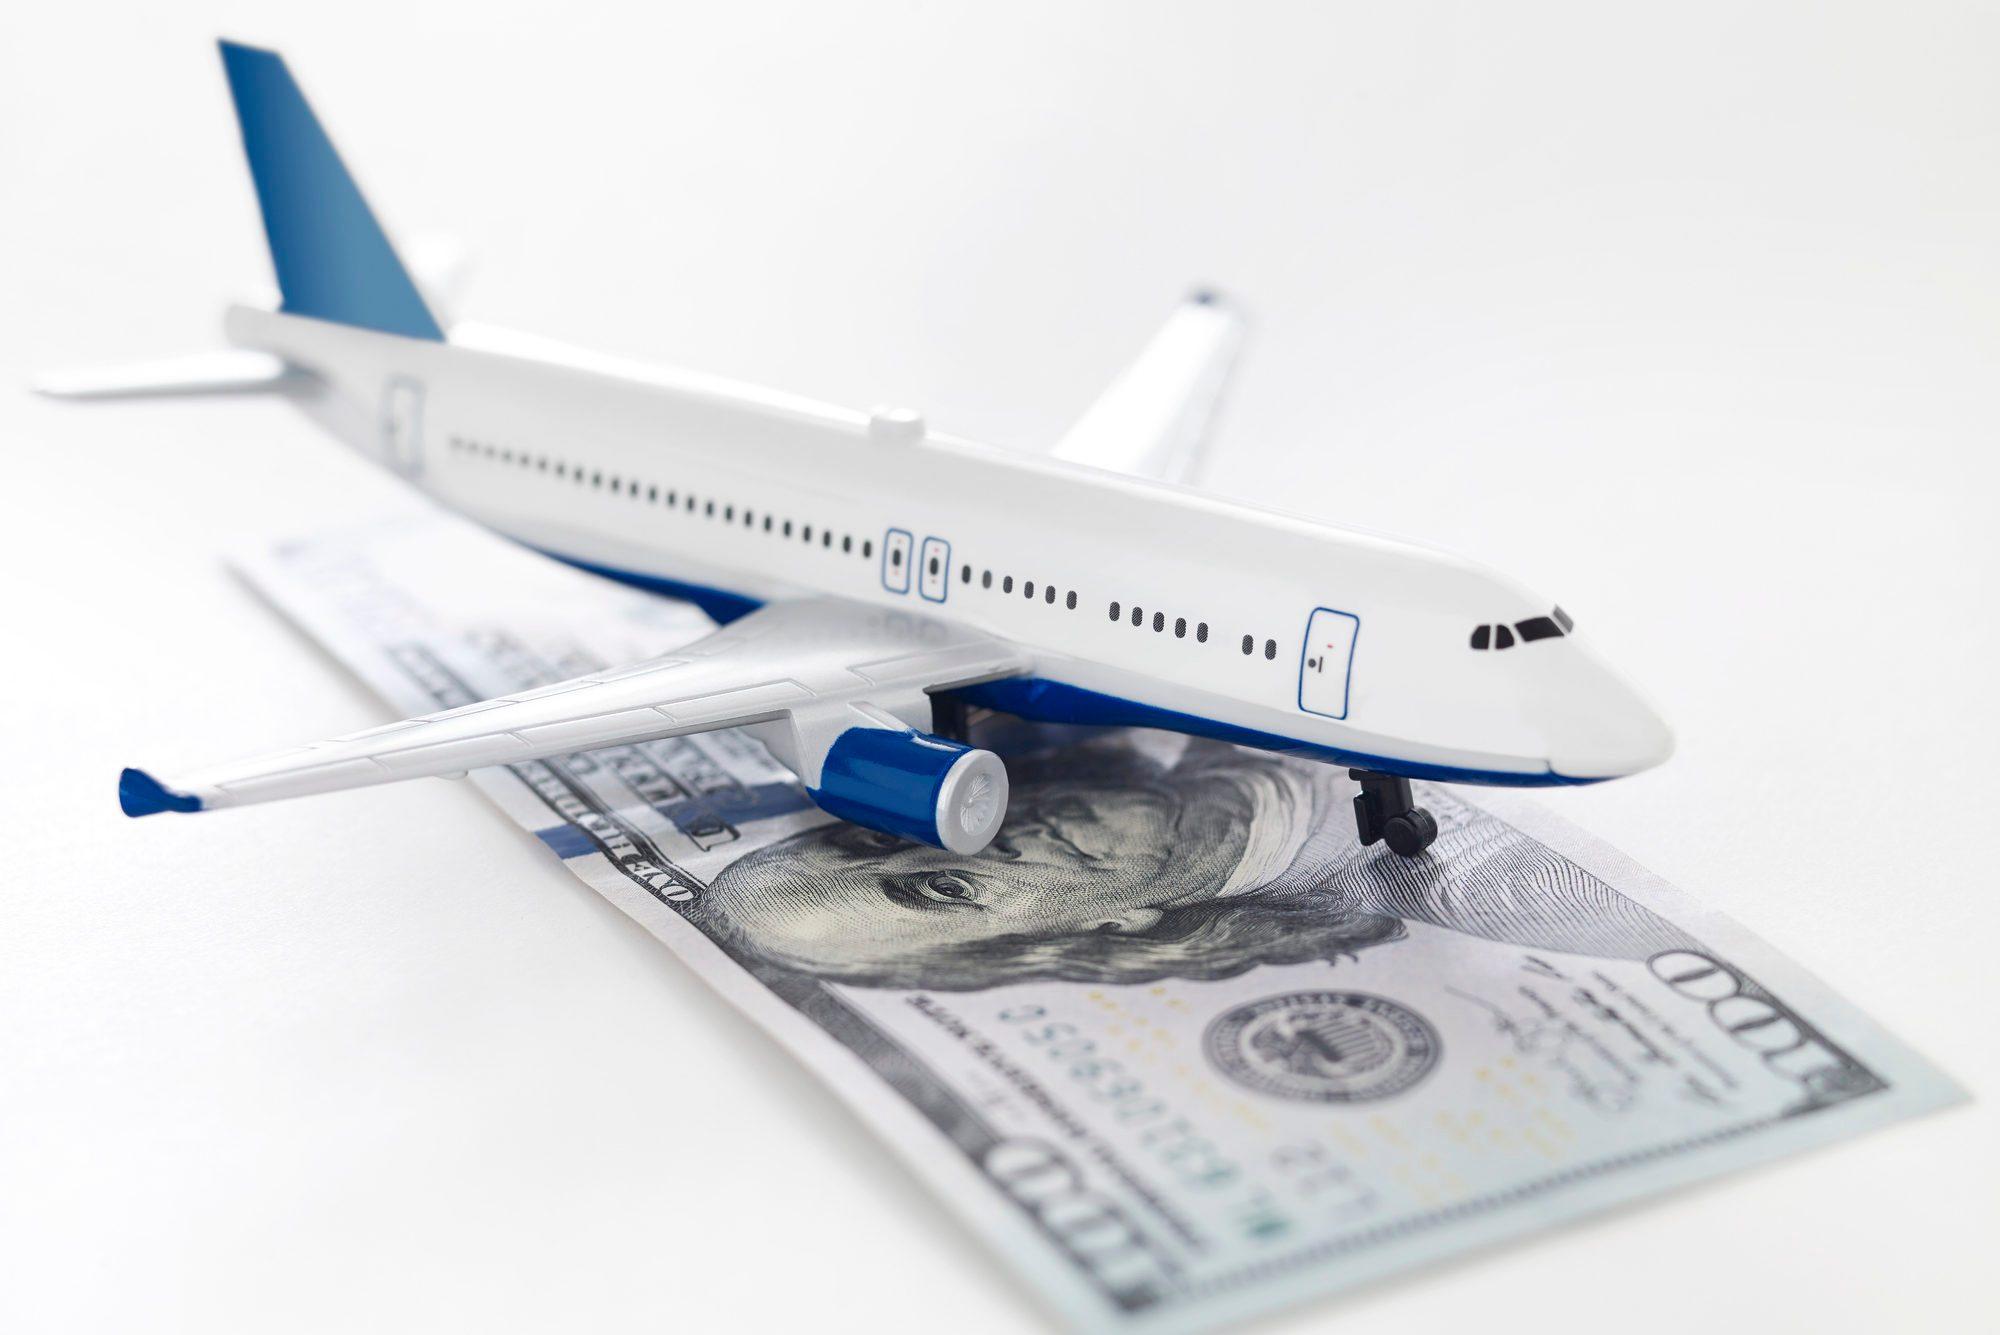 Flight cost